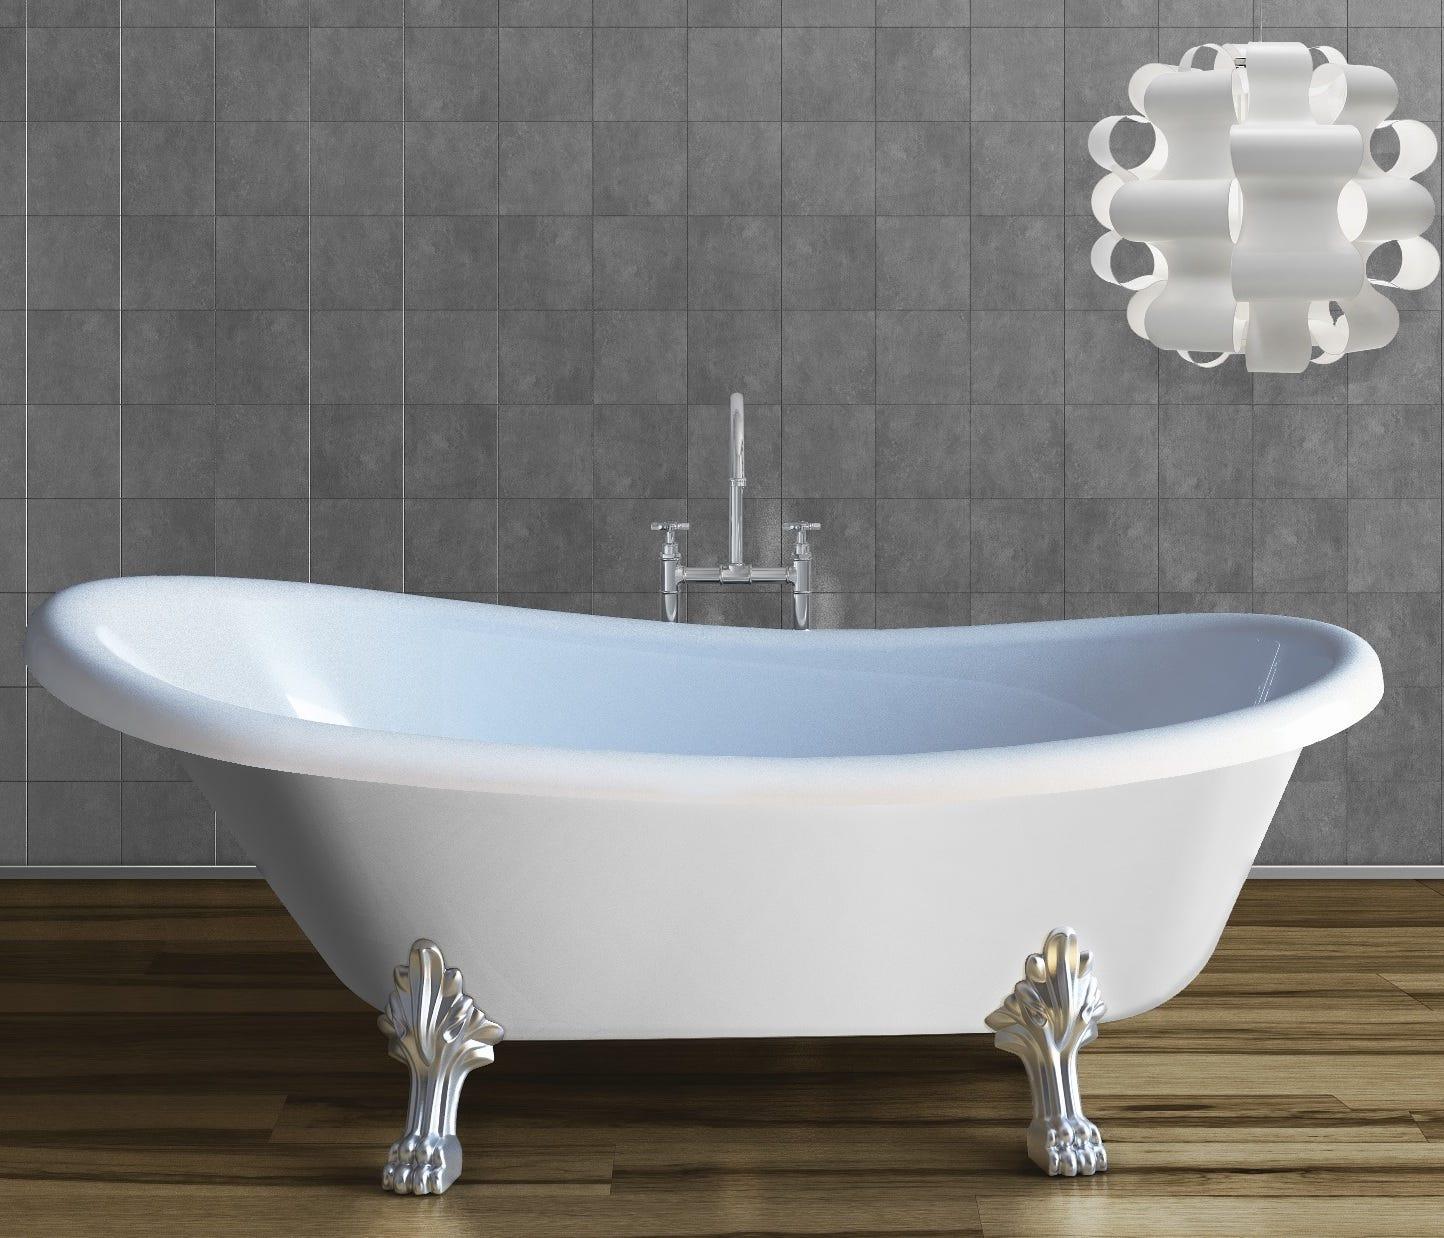 Vasca da bagno classica con piedini in marmo ricomposto - Vasca doccia da bagno ...